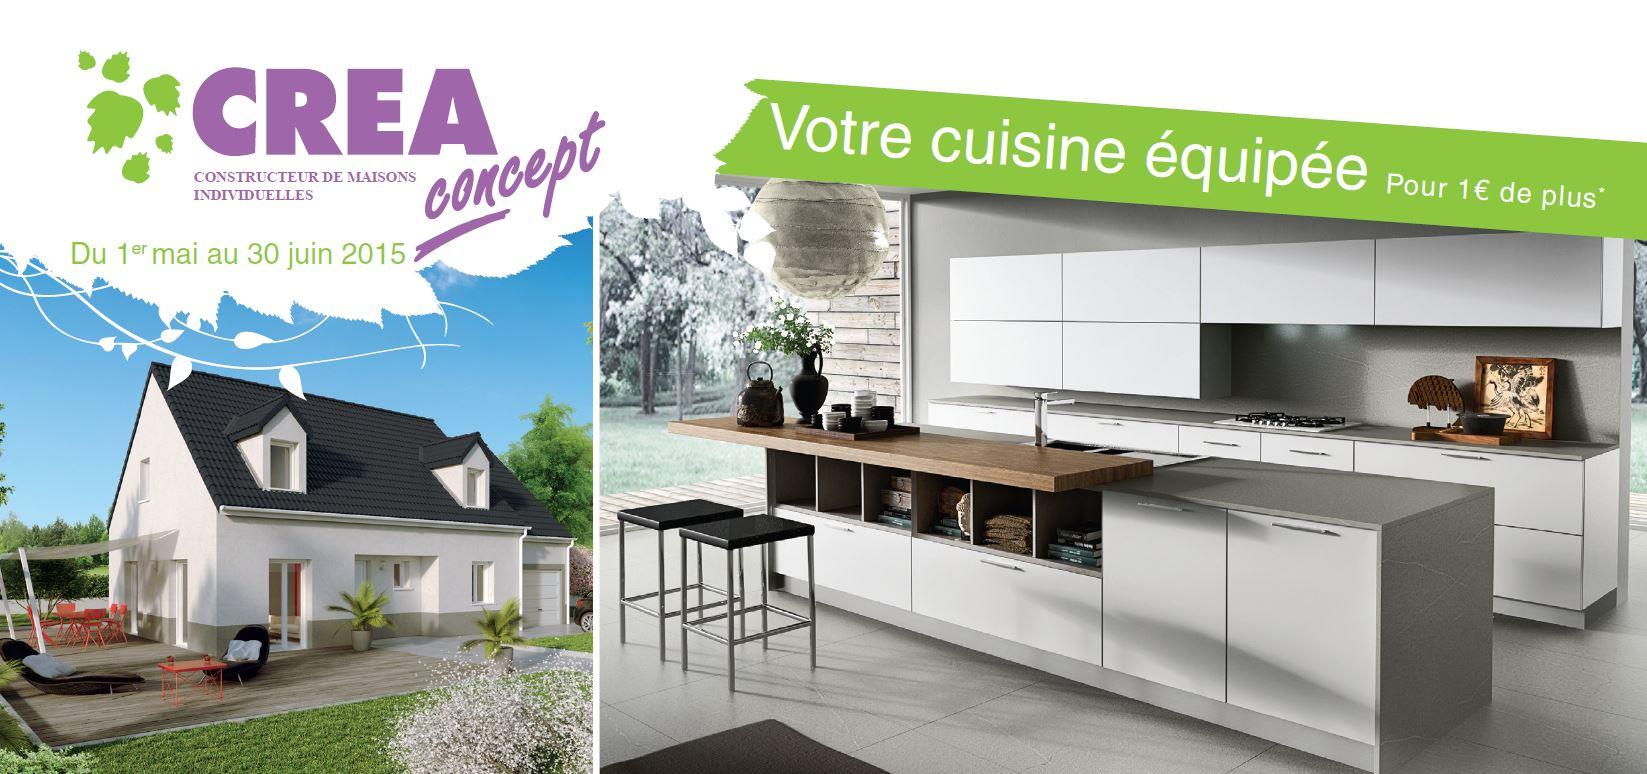 cuisine équipée pour 1€ de plus - Crea Concept